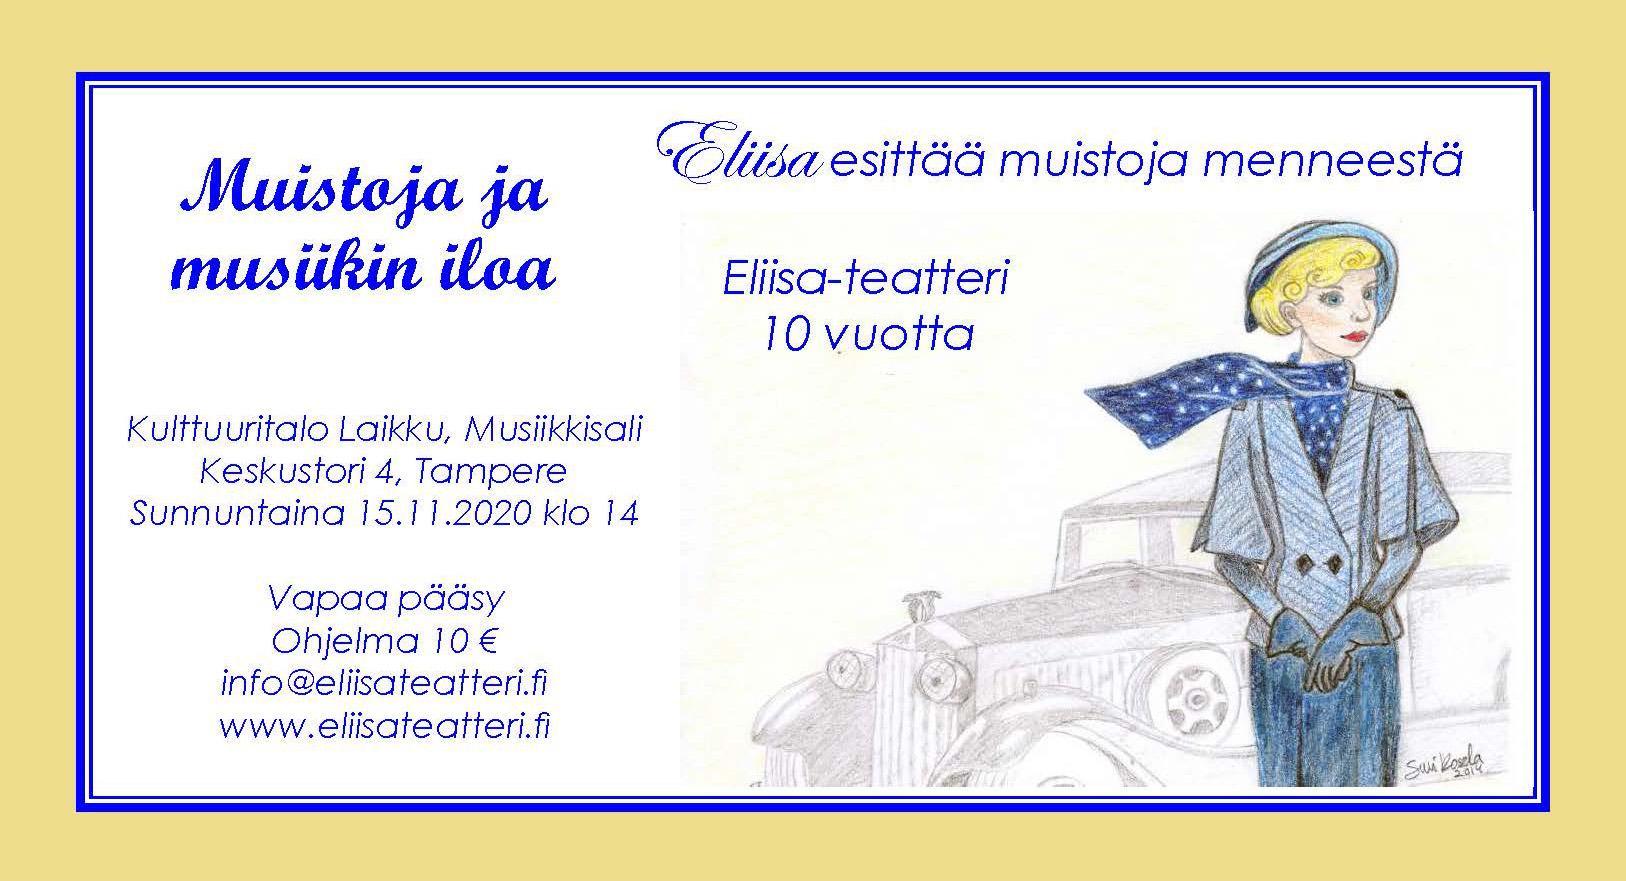 Muistoja ja musiikin iloa